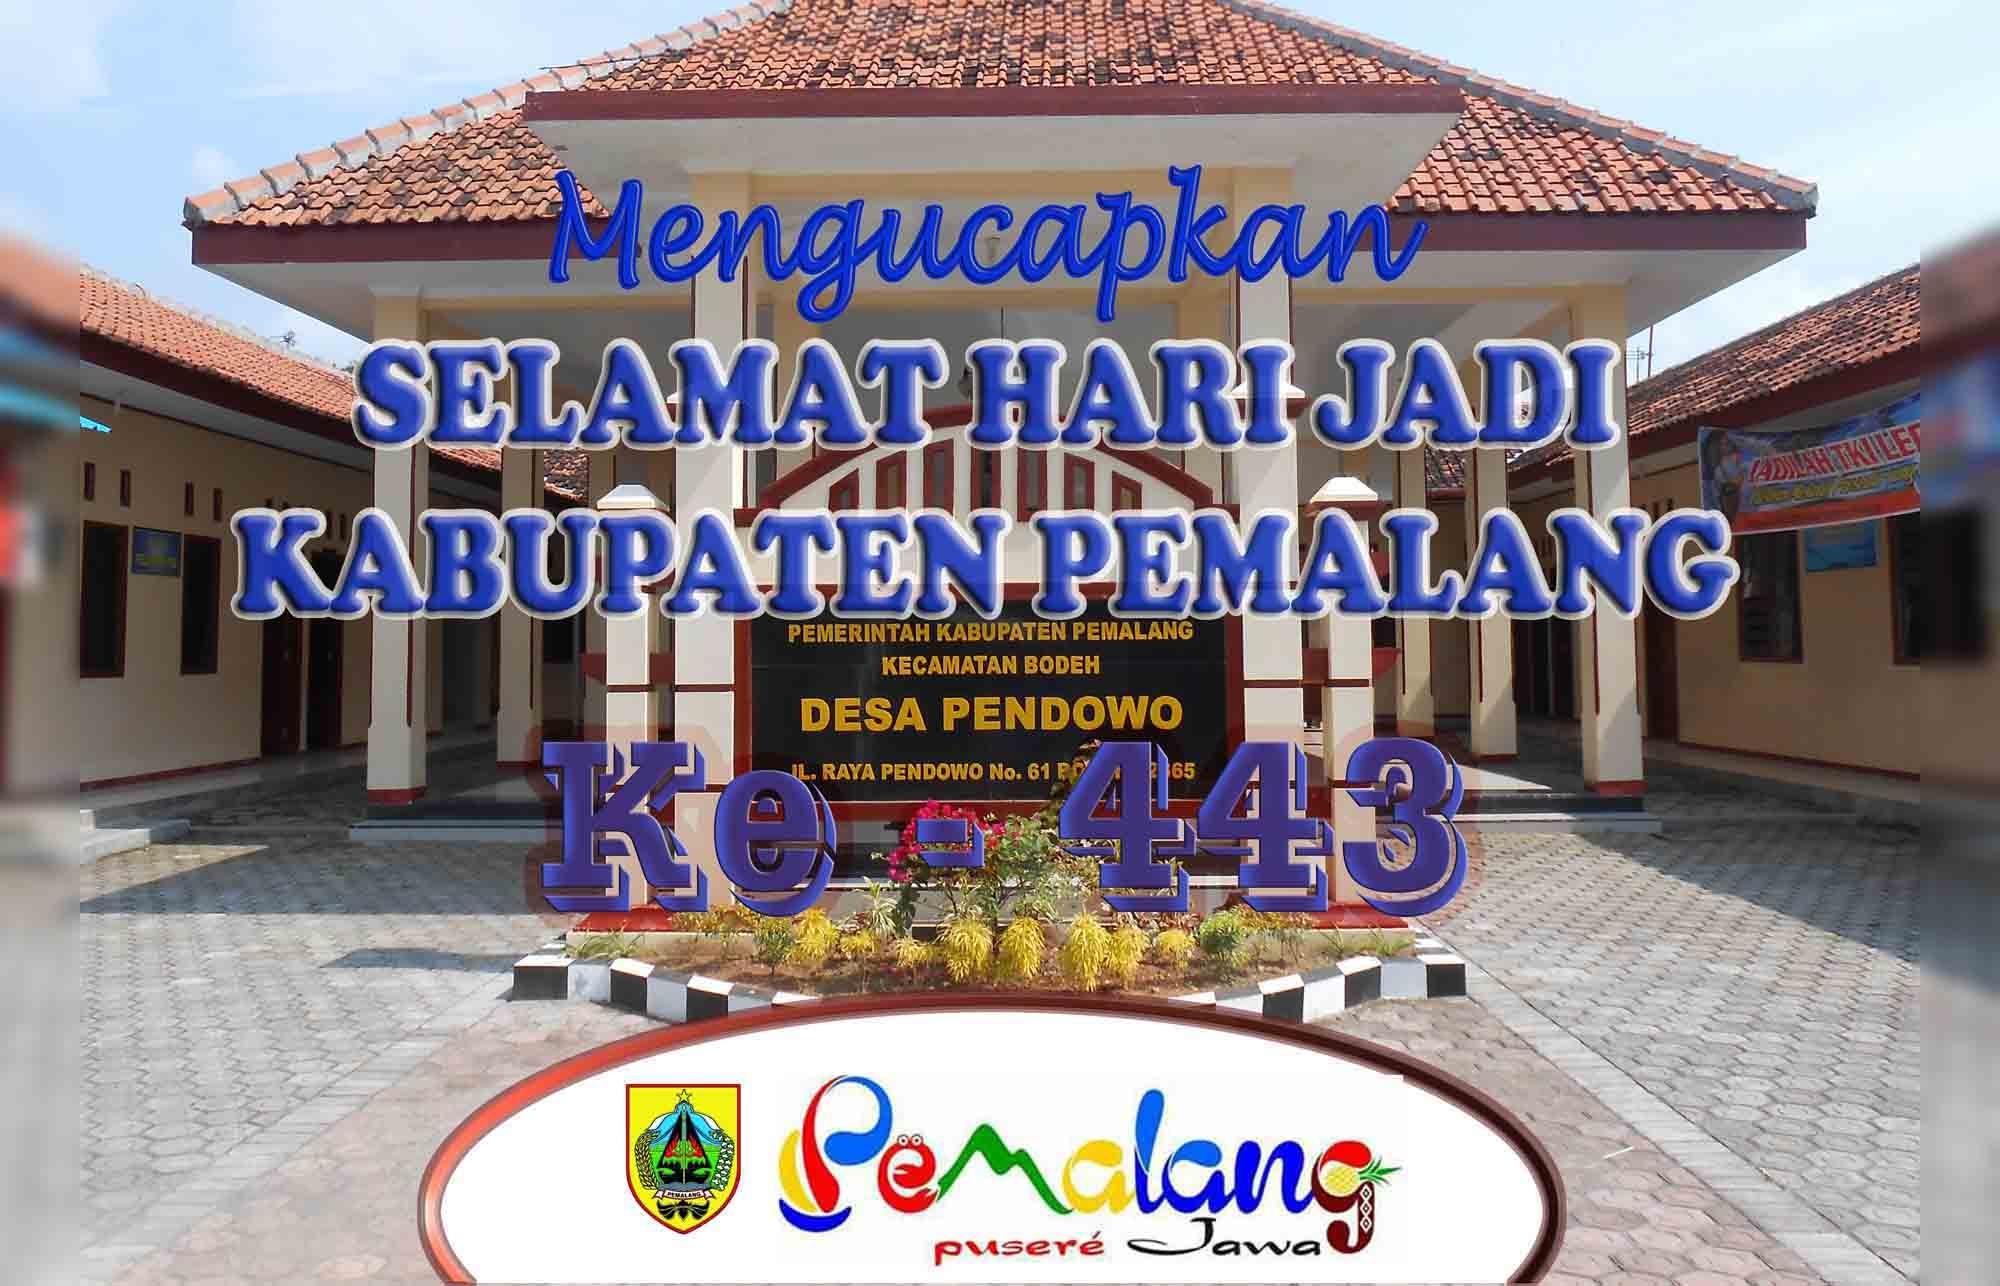 SELAMAT HARI JADI PEMALANG KE-443